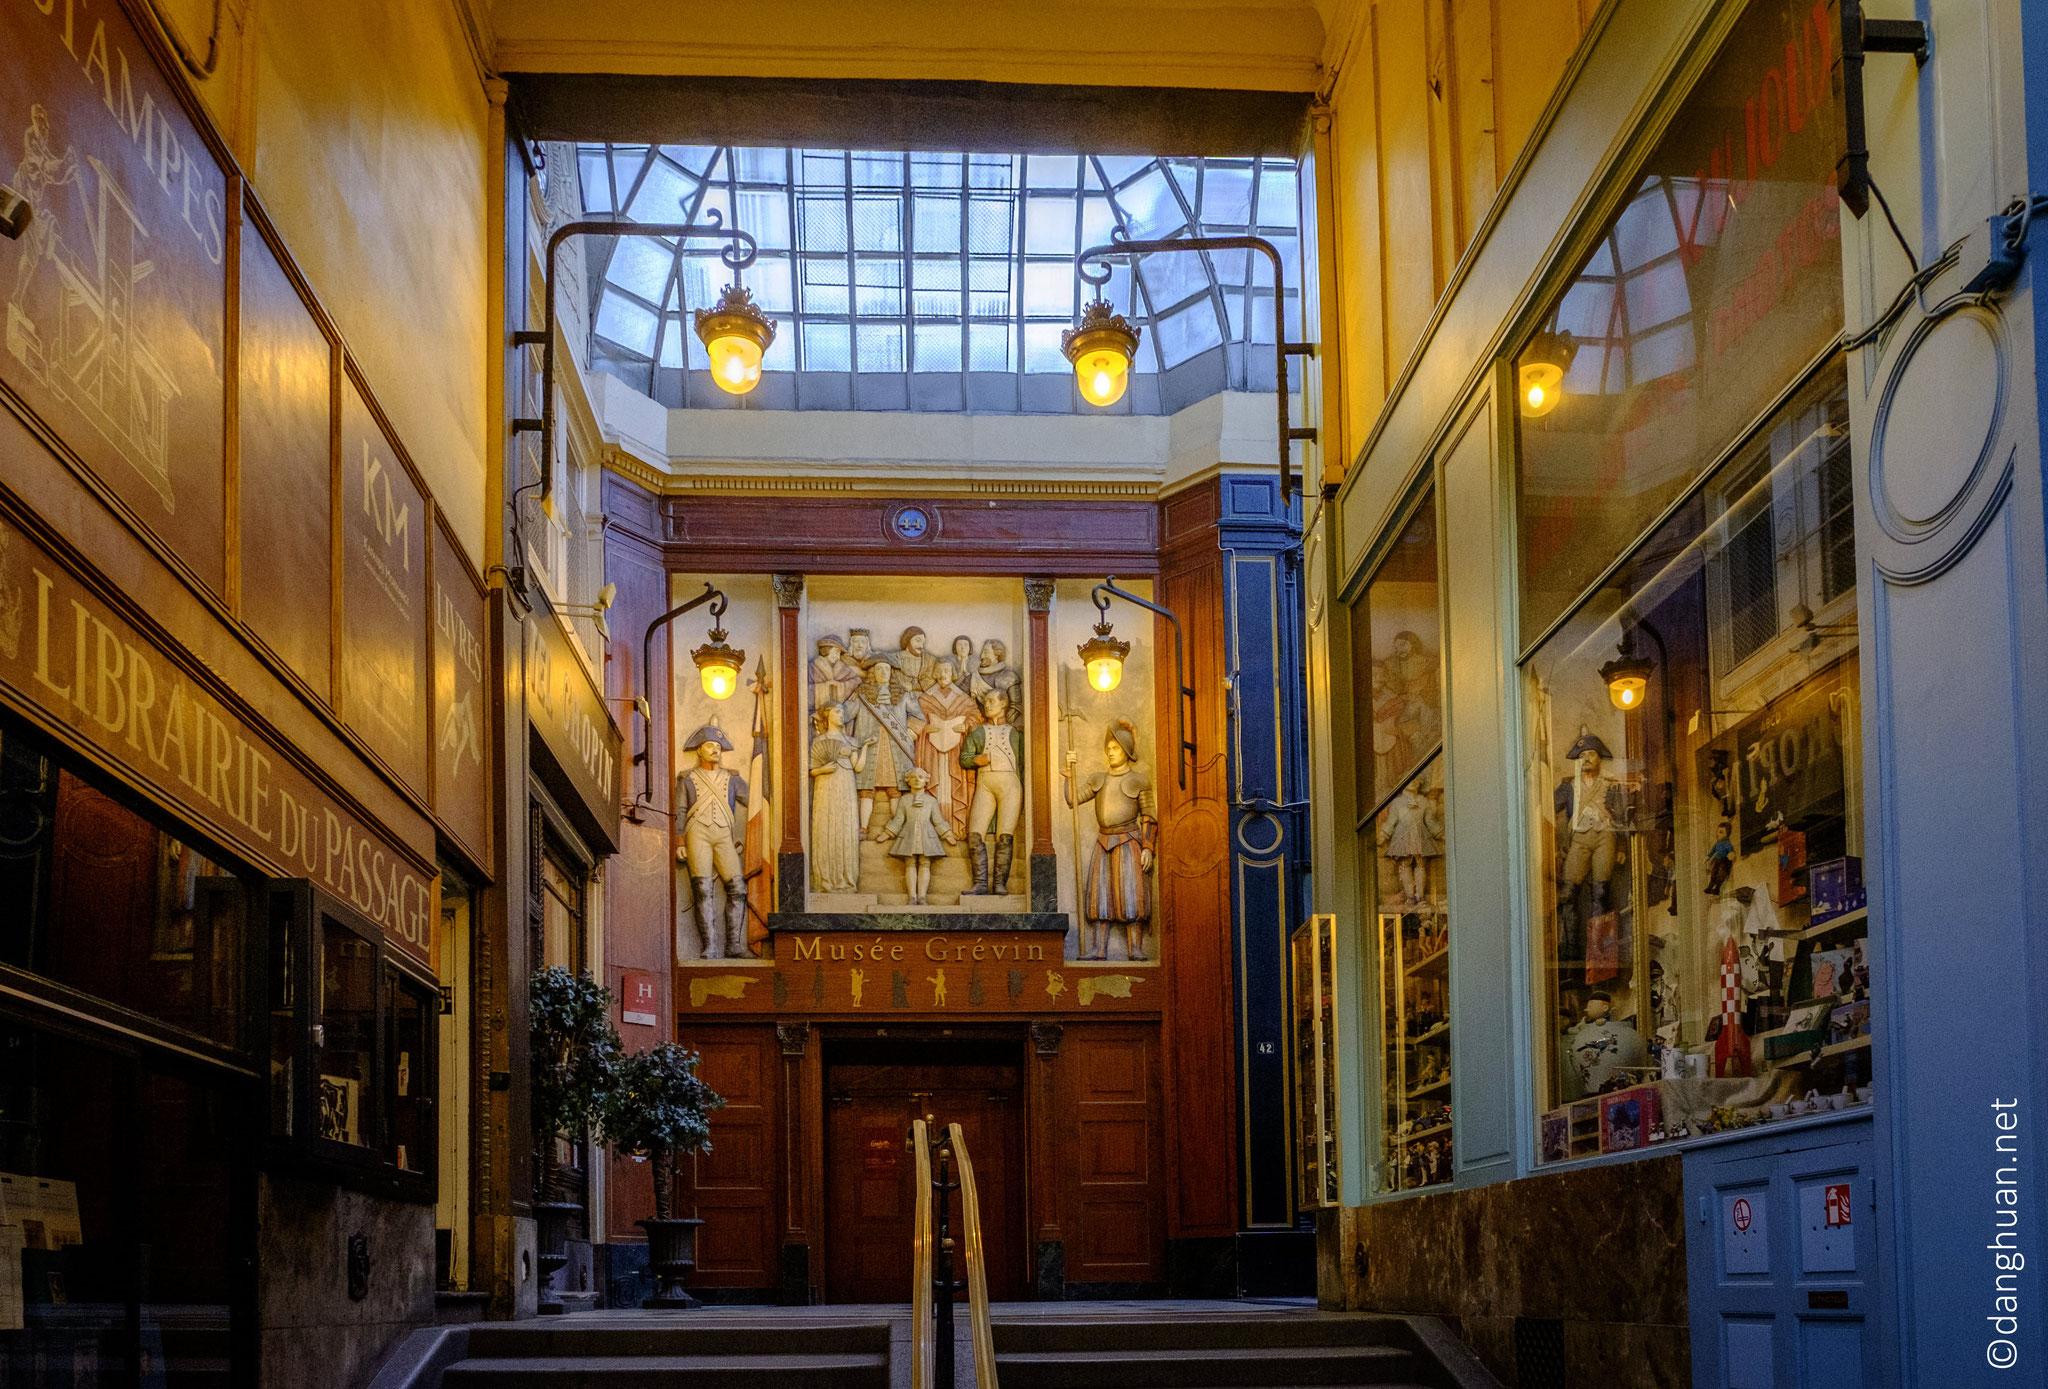 par la variété et l'originalité des vitrines qu'il abrite dont le musée Grévin